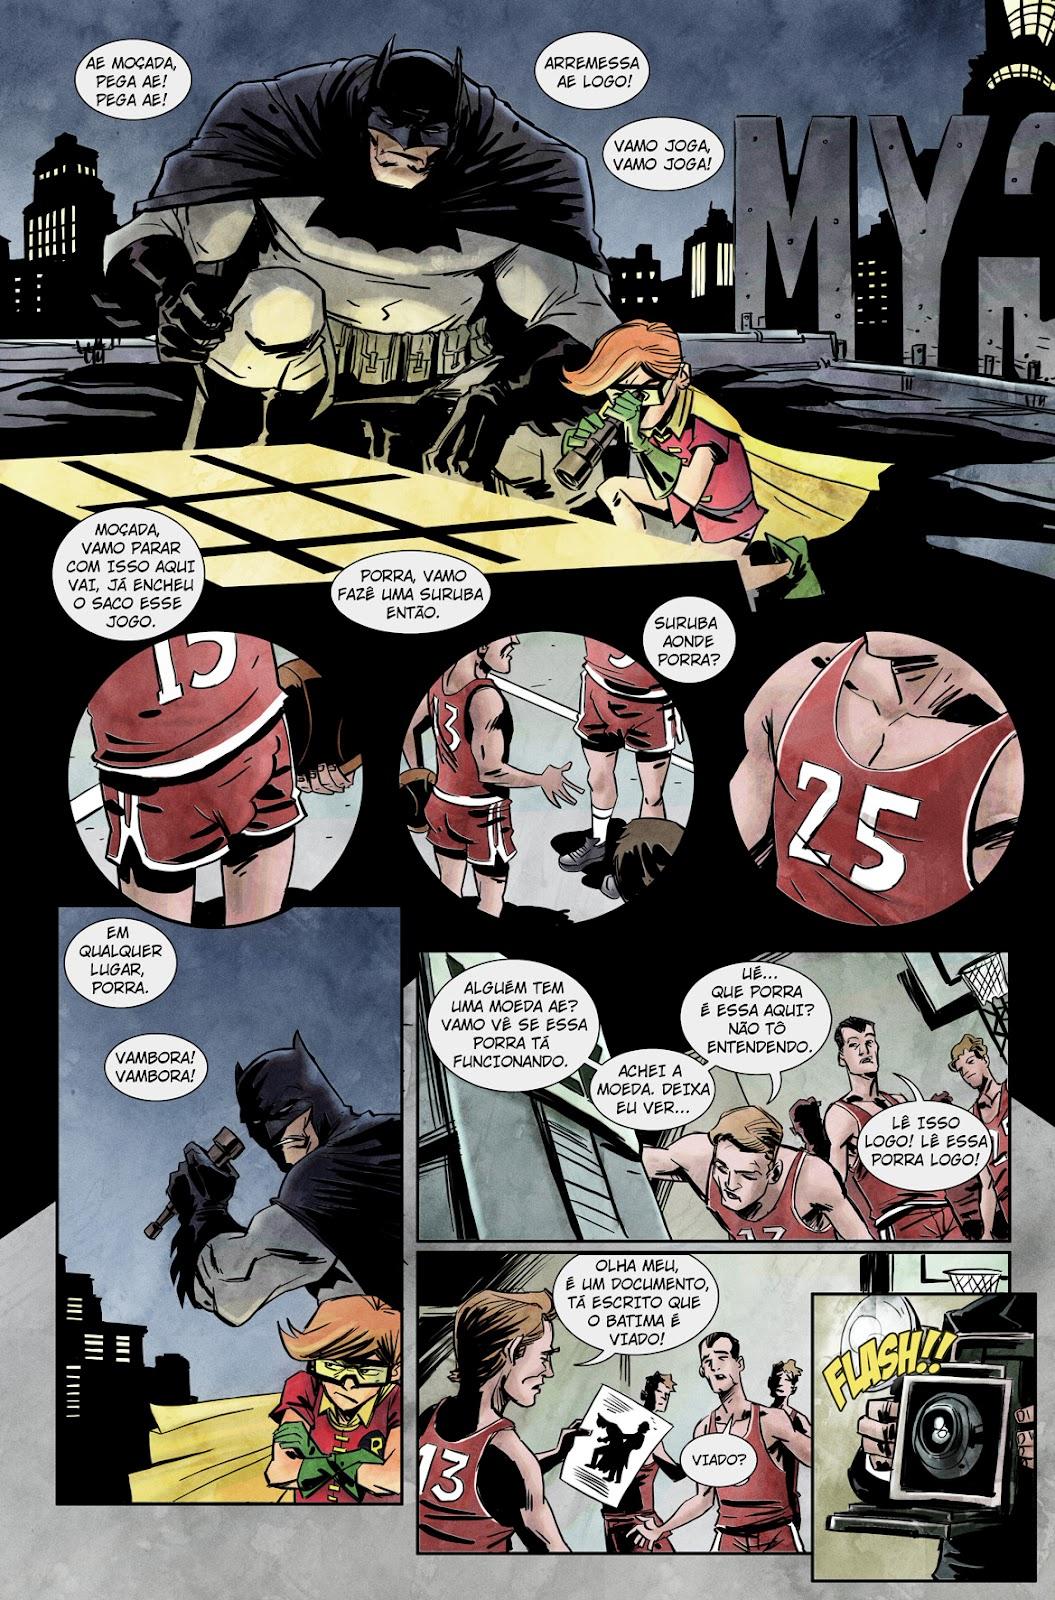 [Tópico Oficial] Batman na Feira da Fruta em Quadrinhos - Página 3 Feira+da+fruta+26+cor+copy